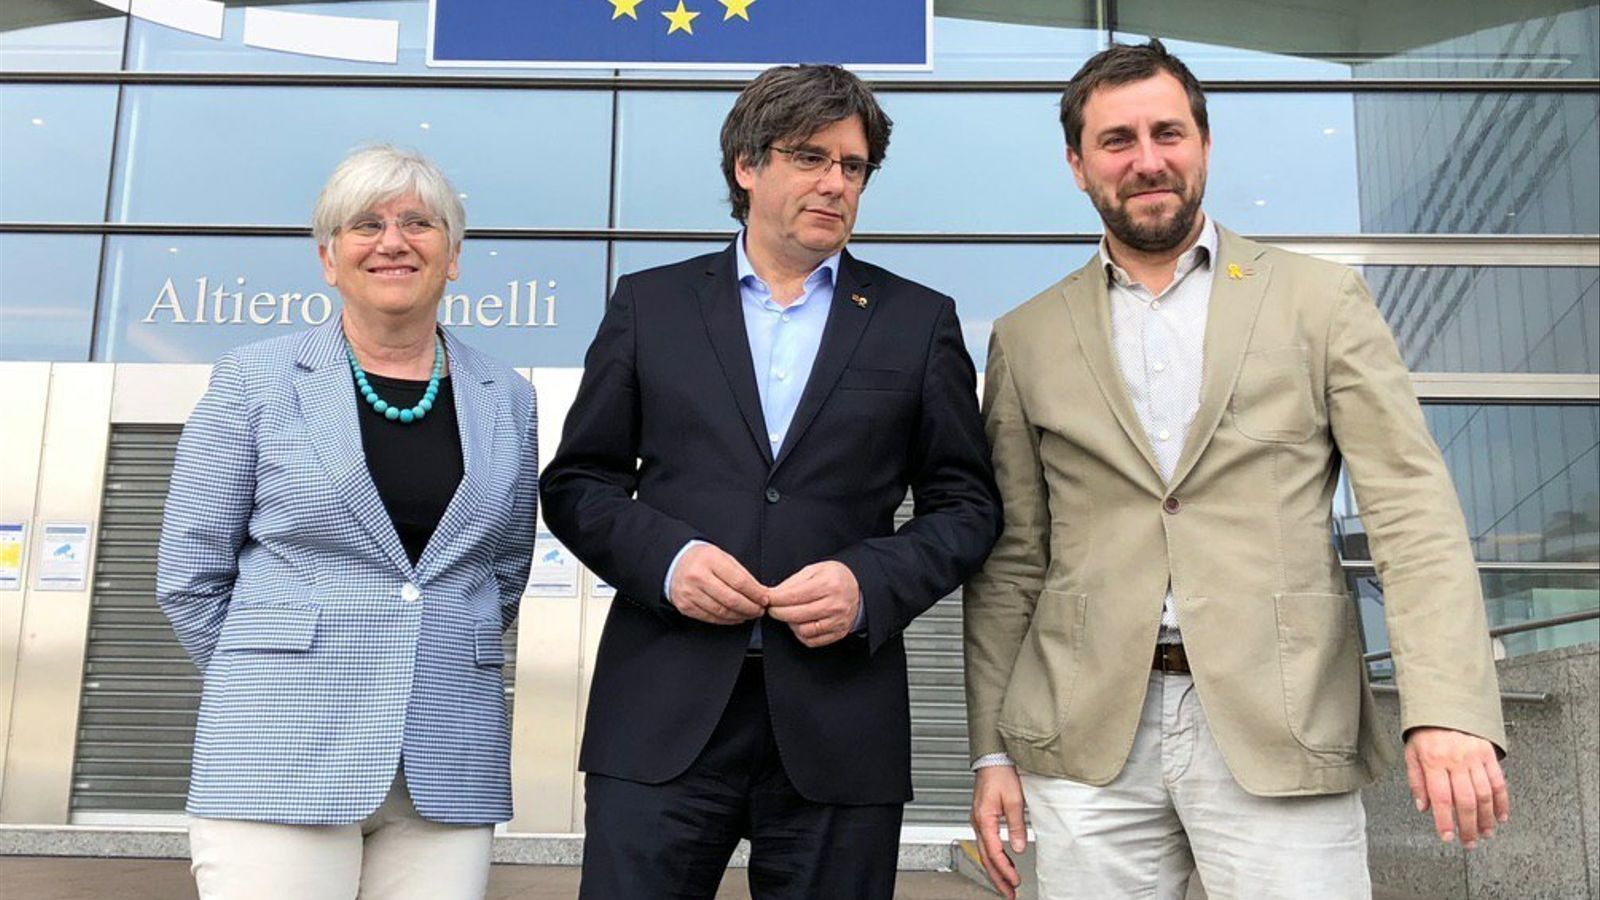 L'expresident català a l'exili, Carles Puigdemont, amb els exconsellers Clara Ponsatí i Toni Comín, davant del Parlament Europeu